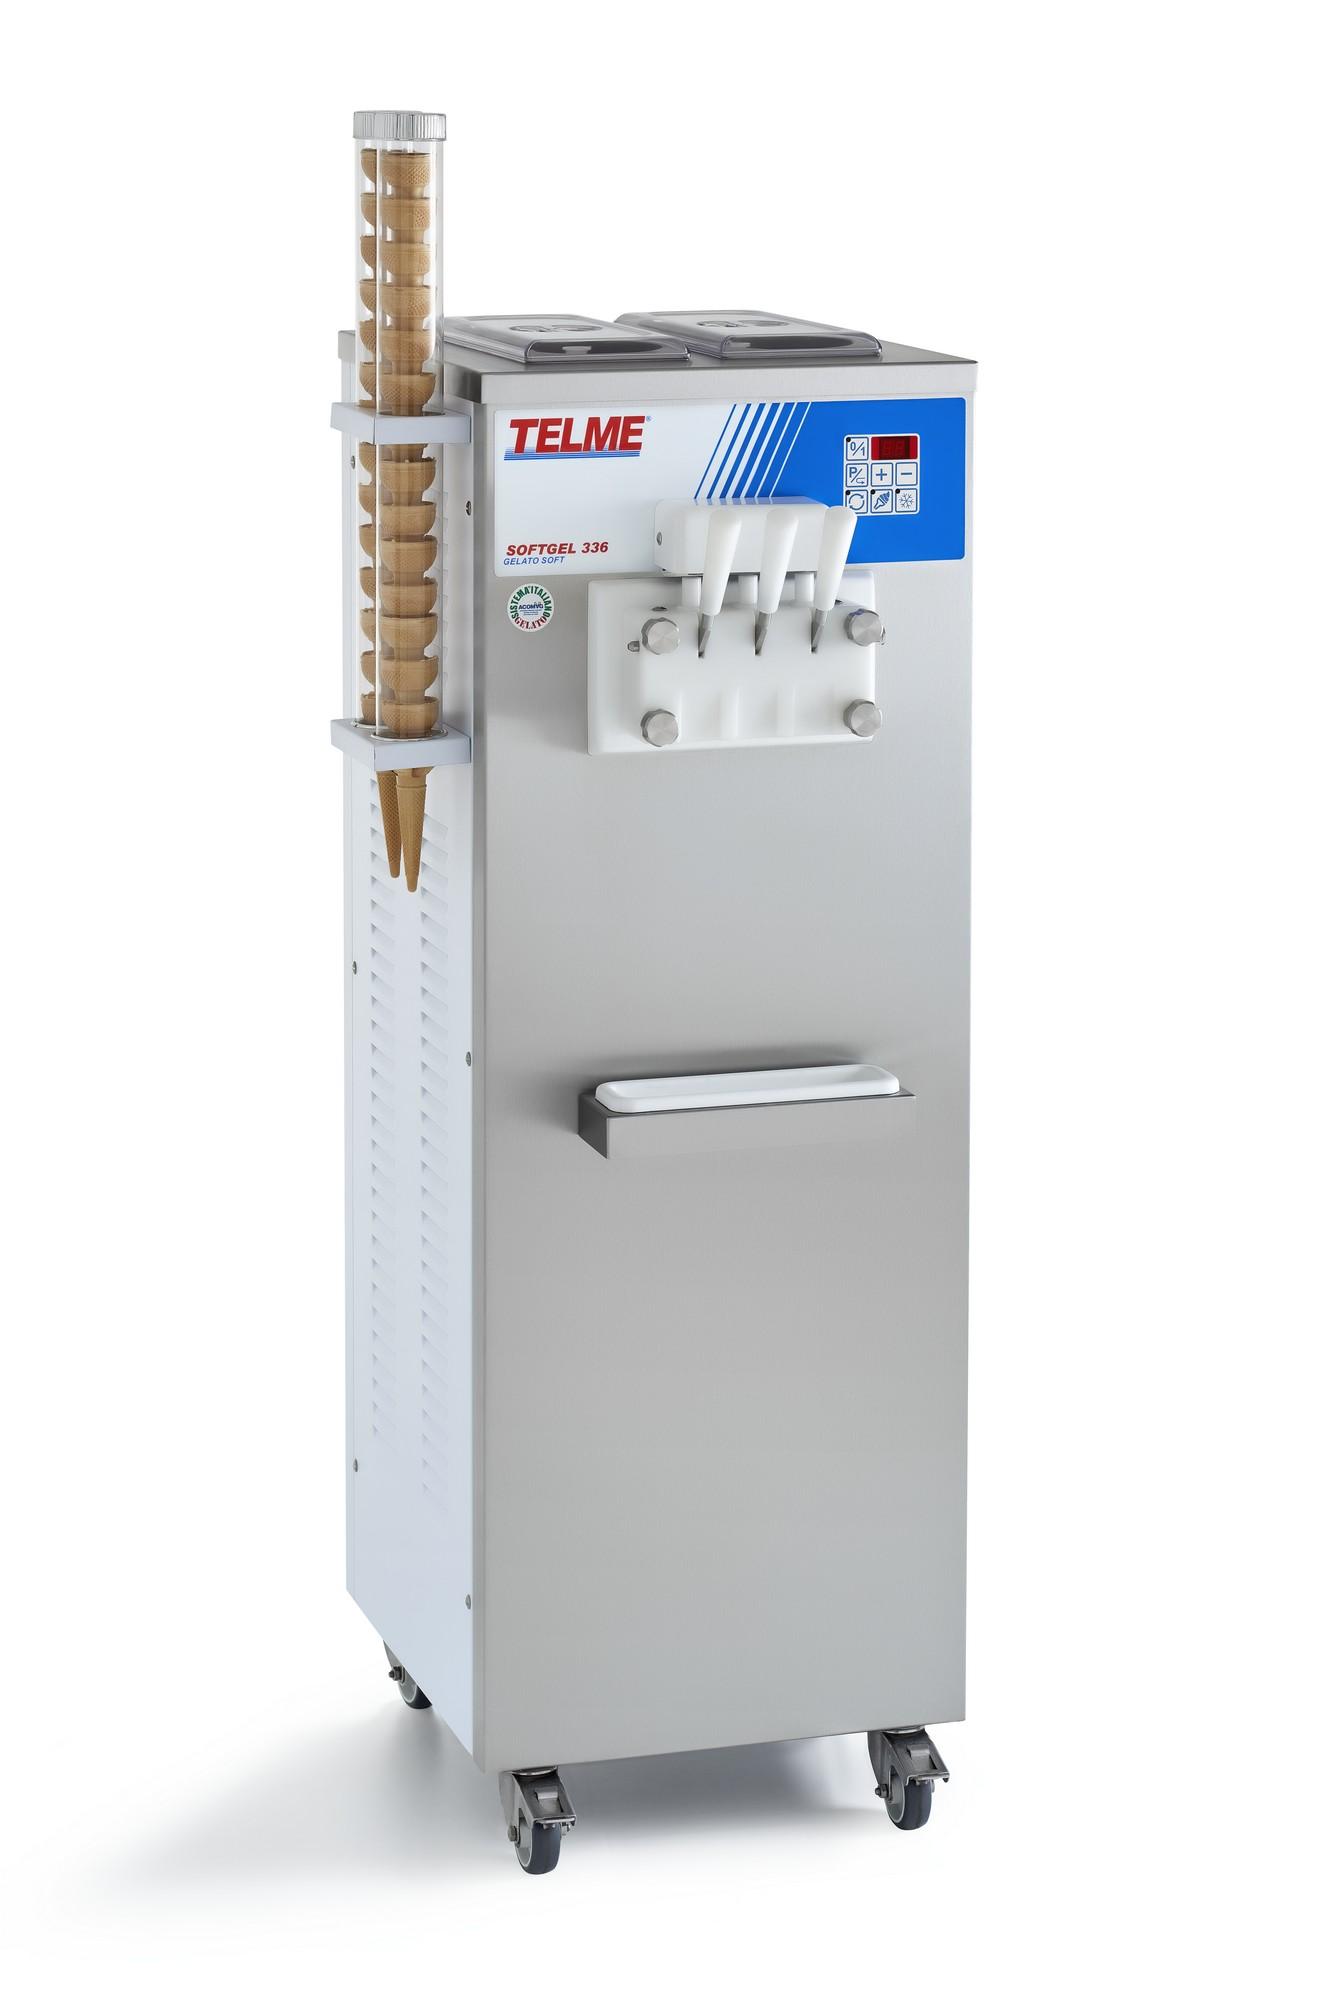 Softegel automat do lodów